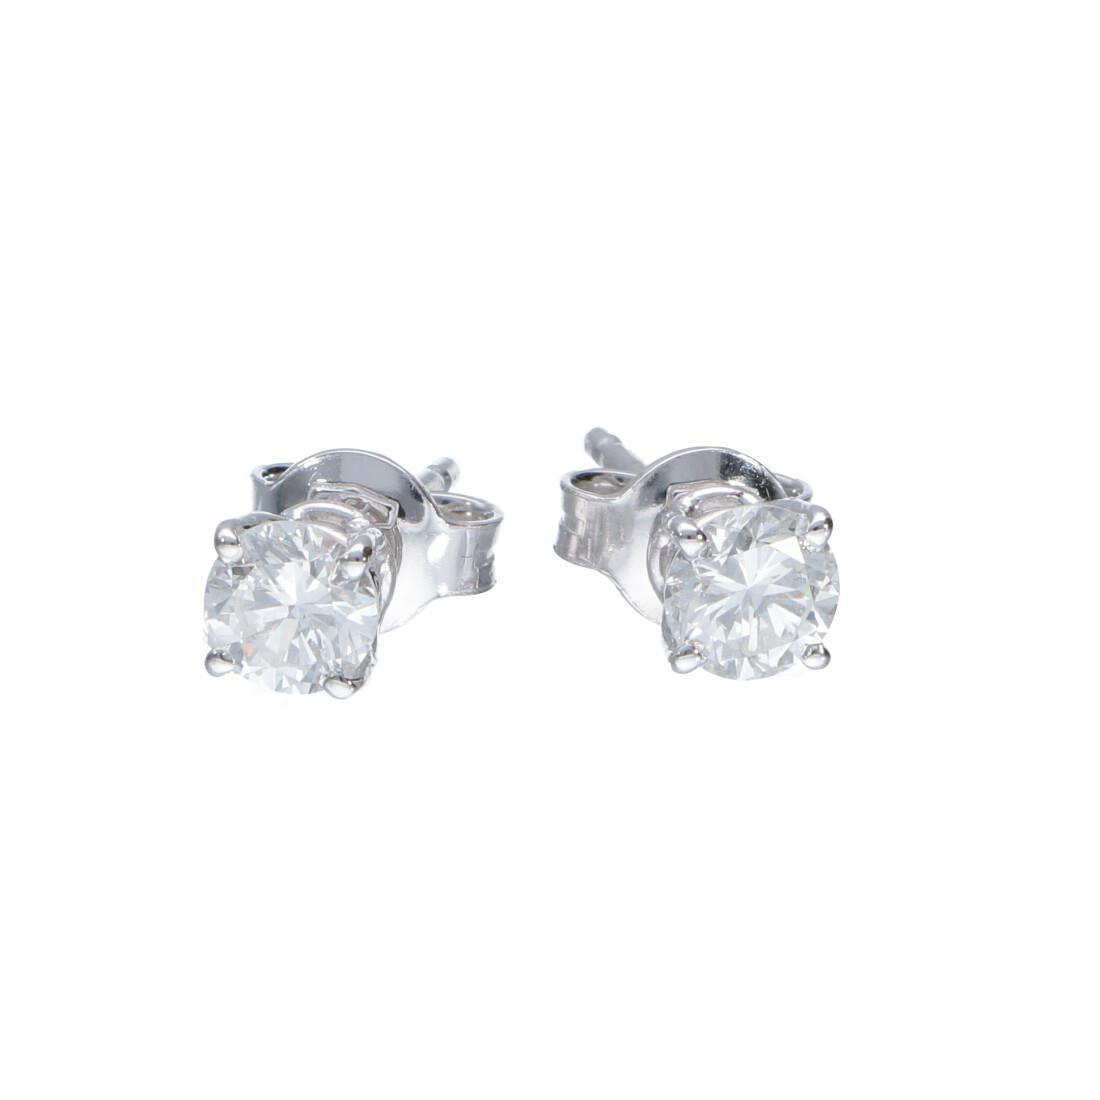 Orecchini punto luce in oro bianco con diamanti 0.72 ct - ALFIERI ST JOHN